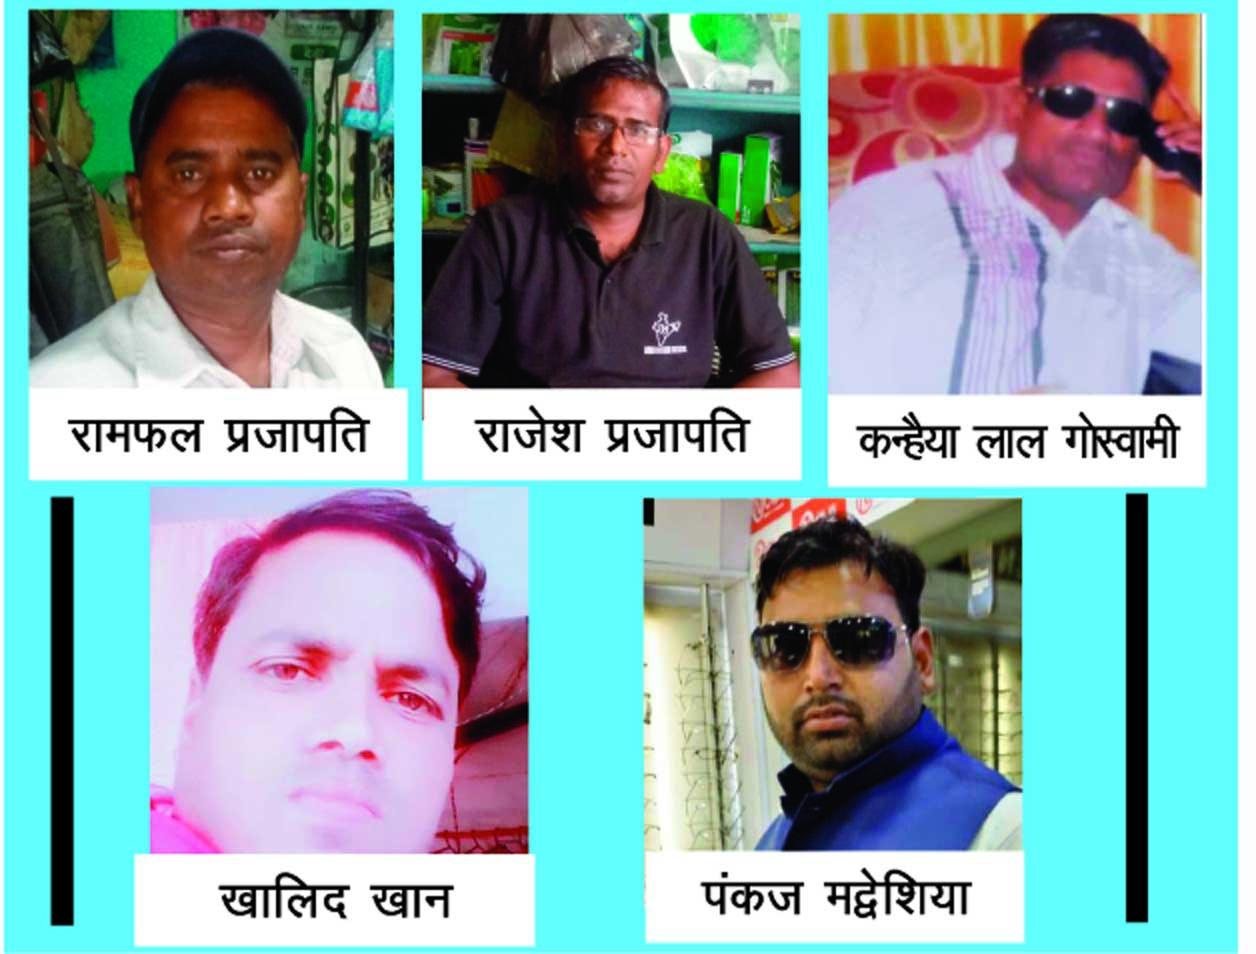 बंगाल में सत्ता परिवर्तन होना संभव है या असंभव ?